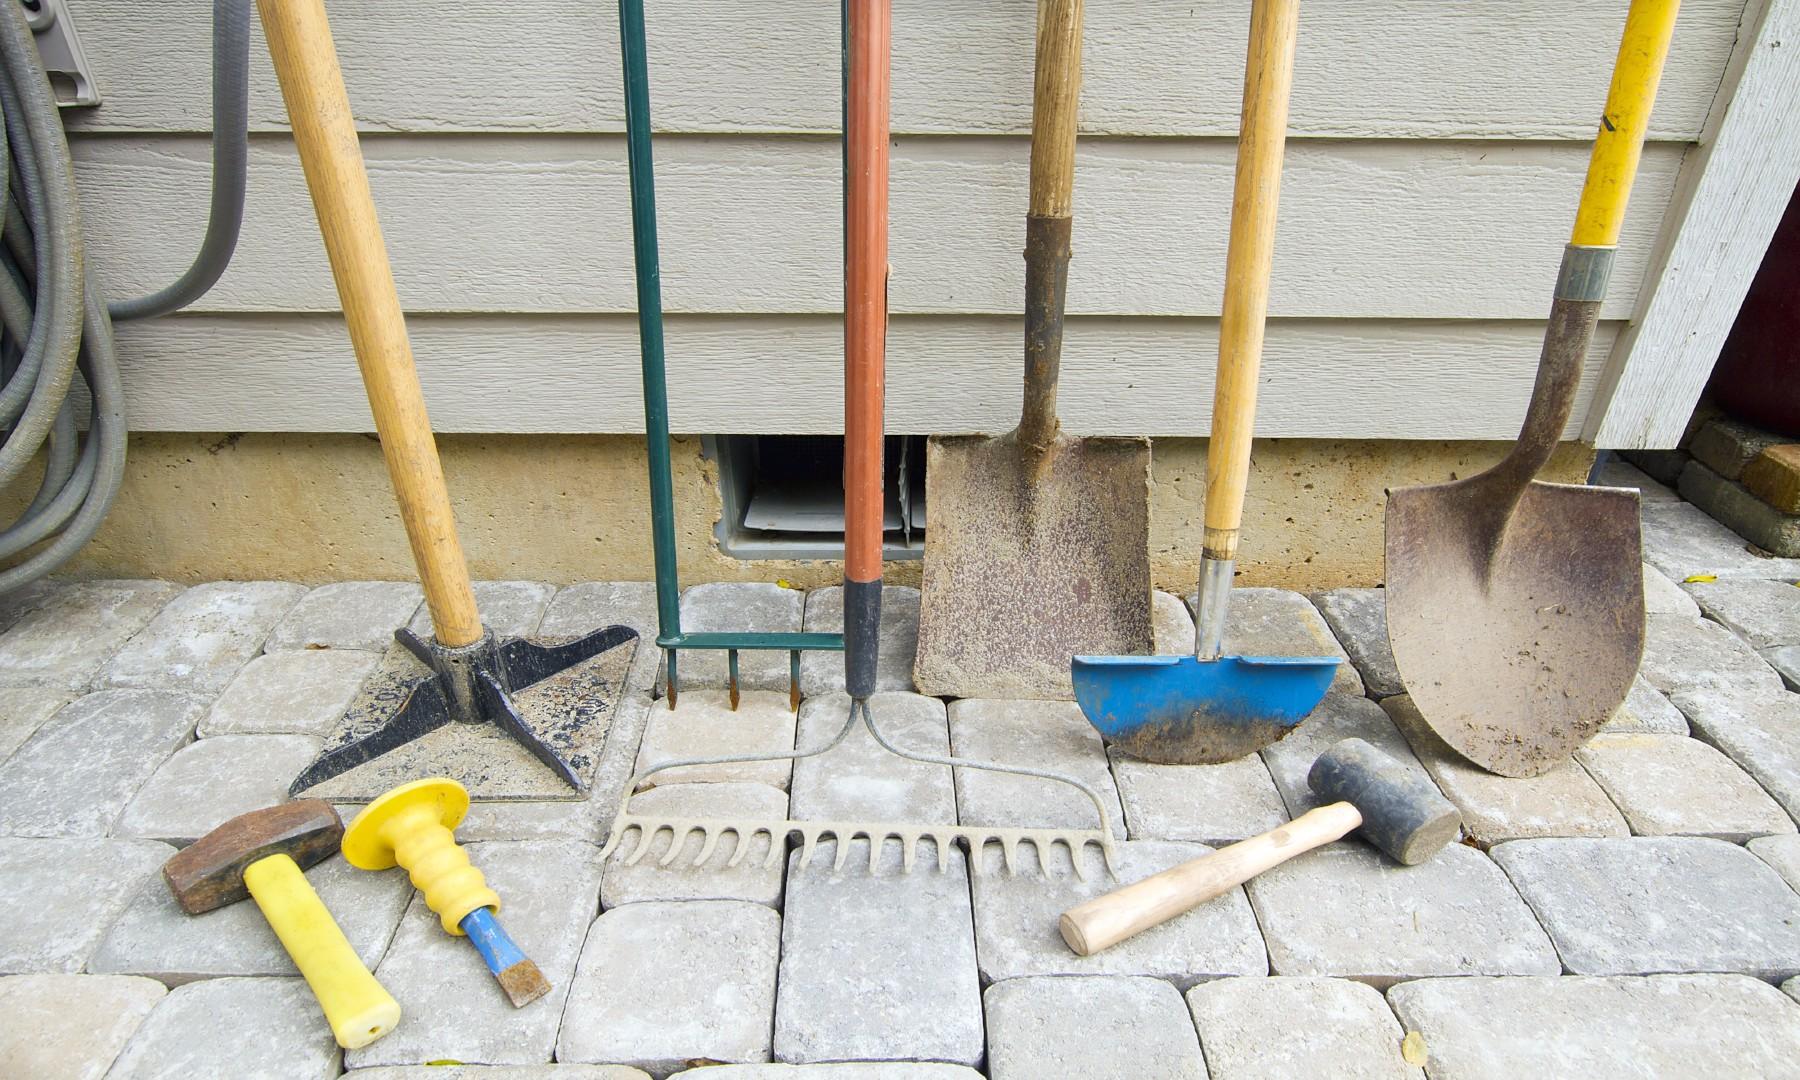 rakes shovels and assorted yard tools